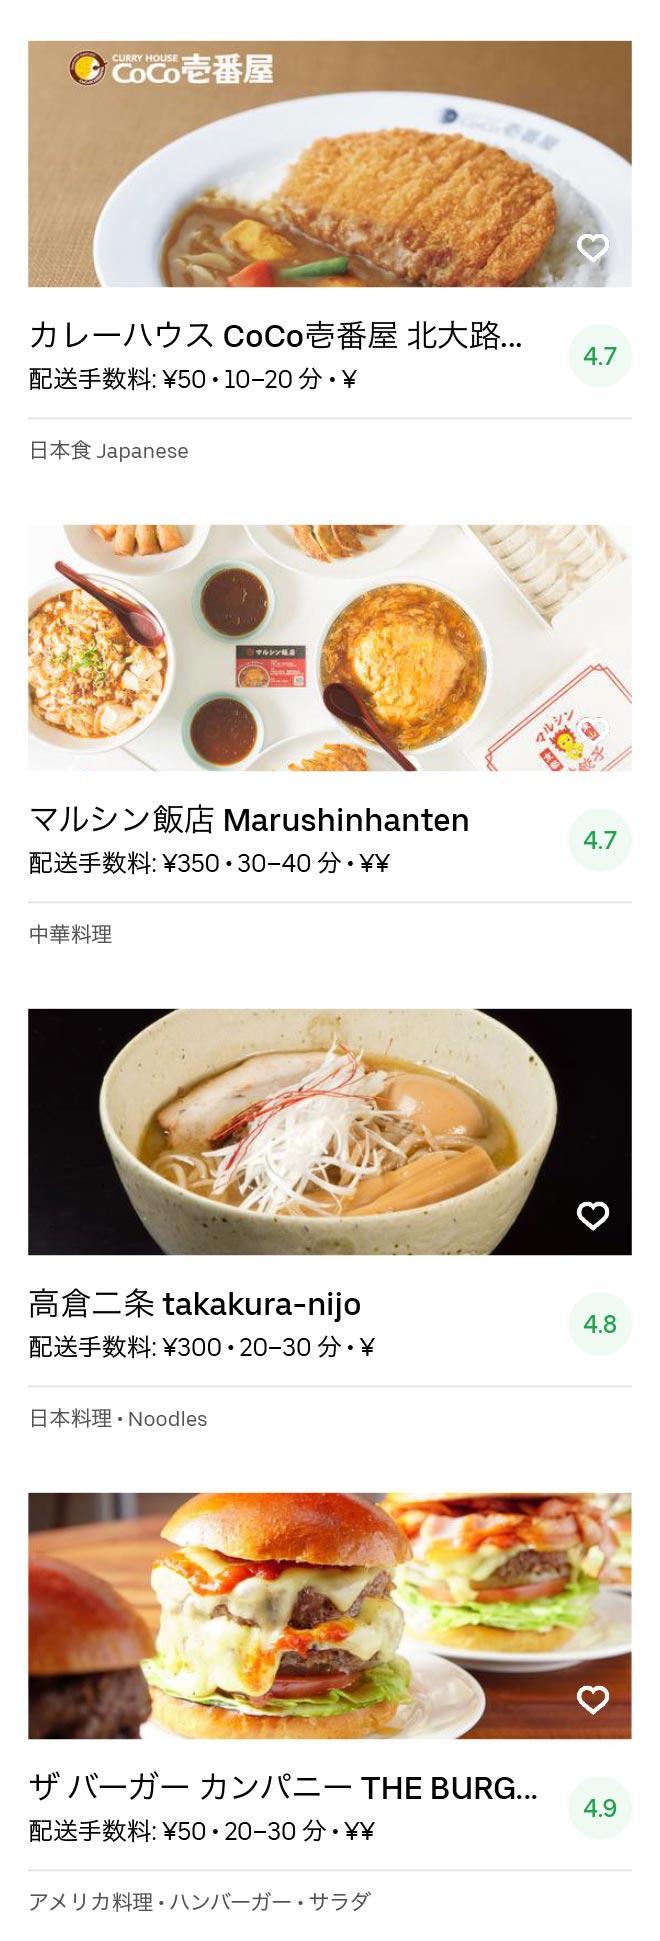 Kyoto kitaoji menu 2005 03